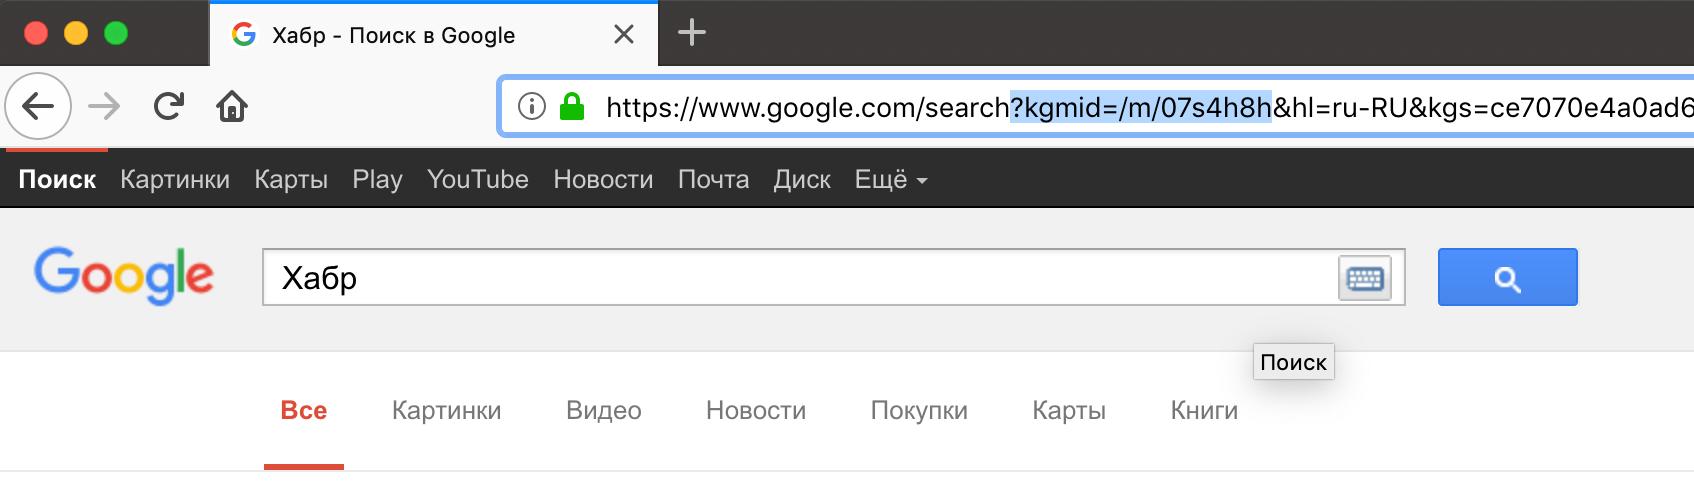 Подмена поисковой выдачи Google - 4